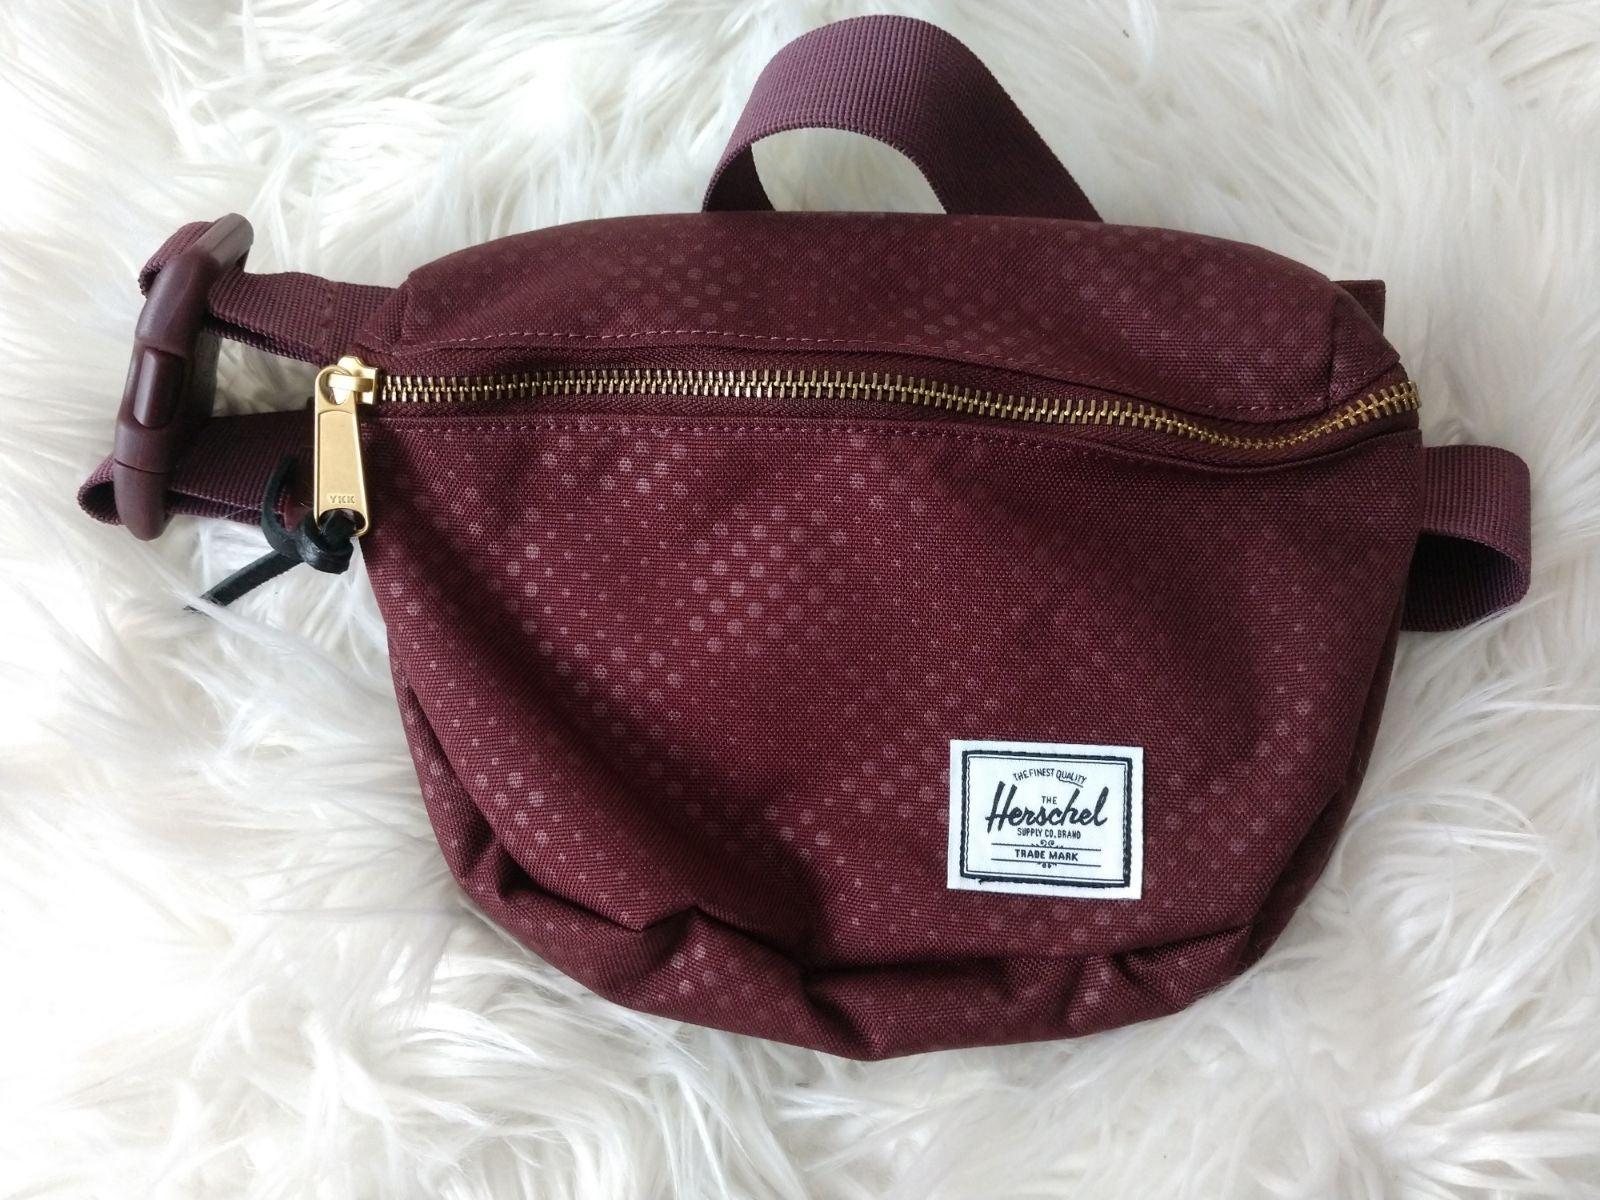 Hershel fanny pack waist bag belt bag